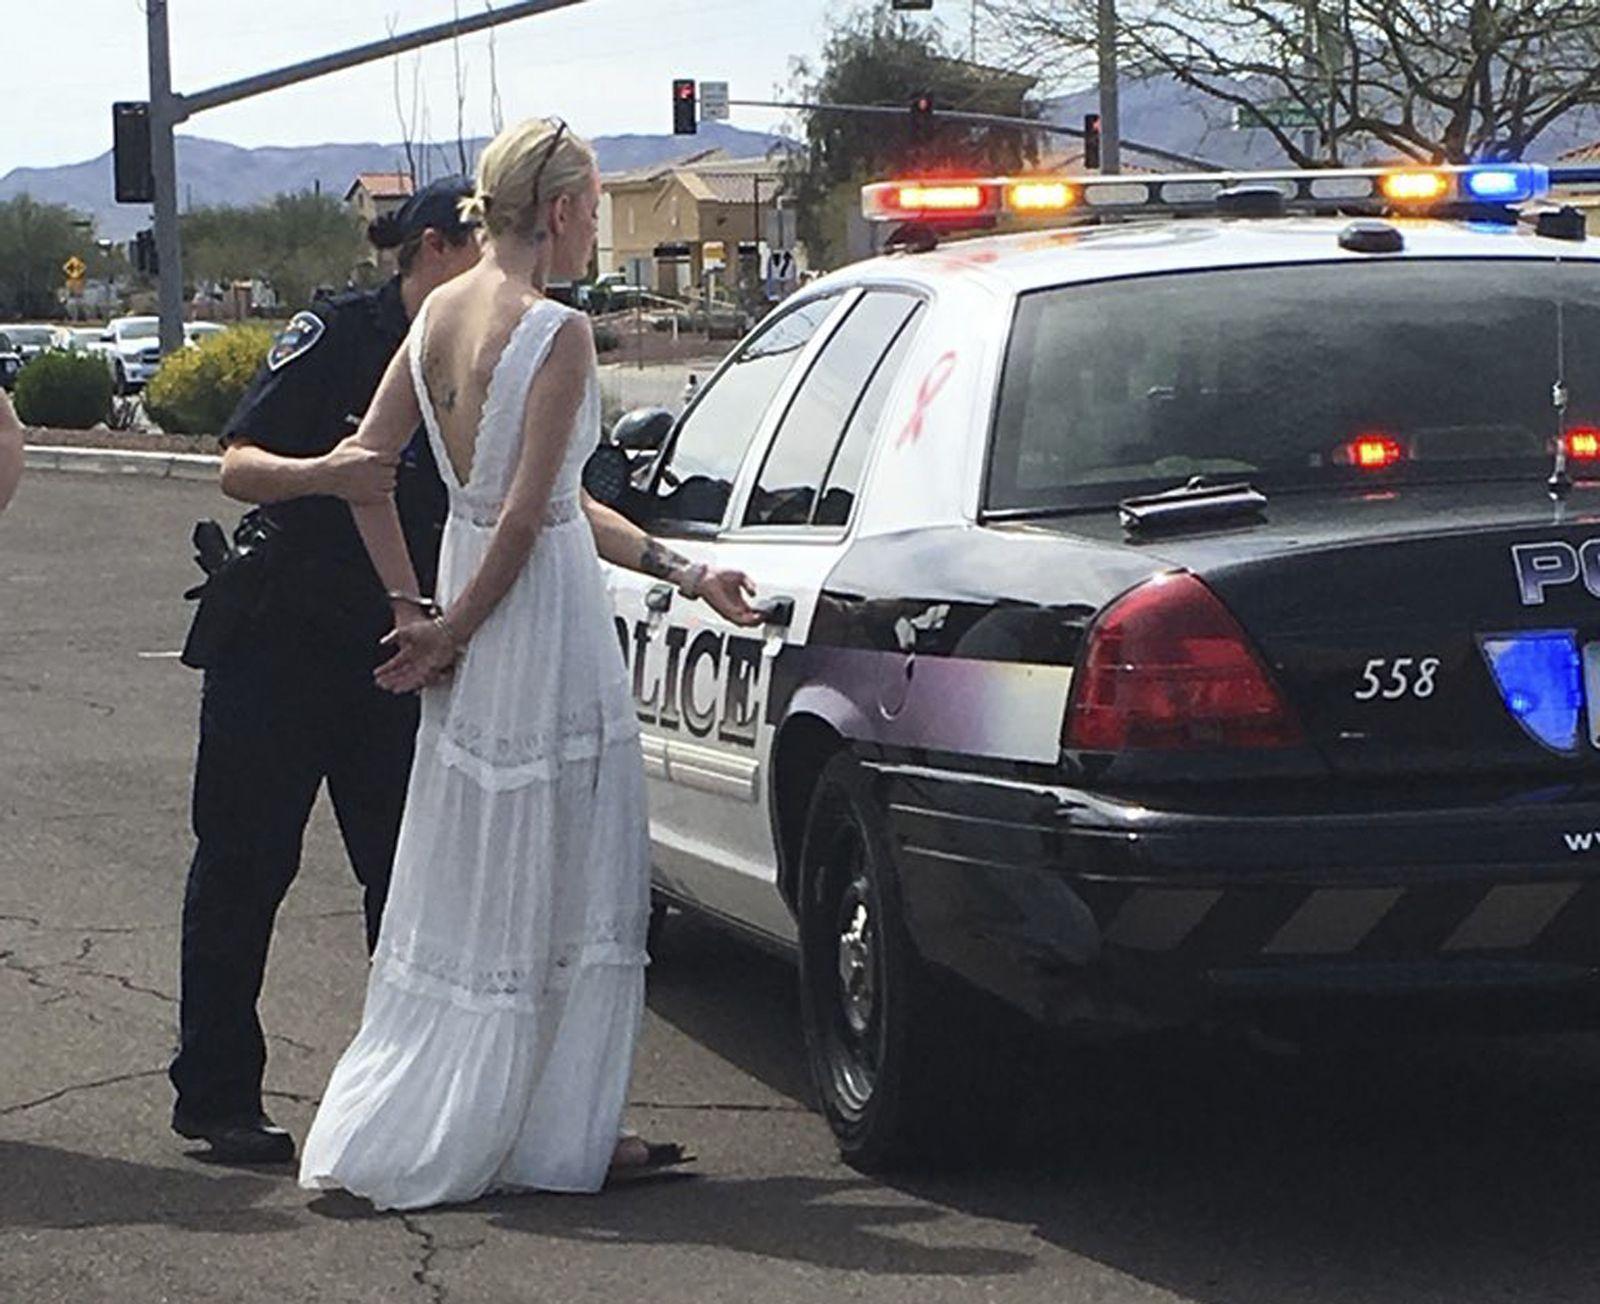 Frau im Hochzeitskleid verhaftet